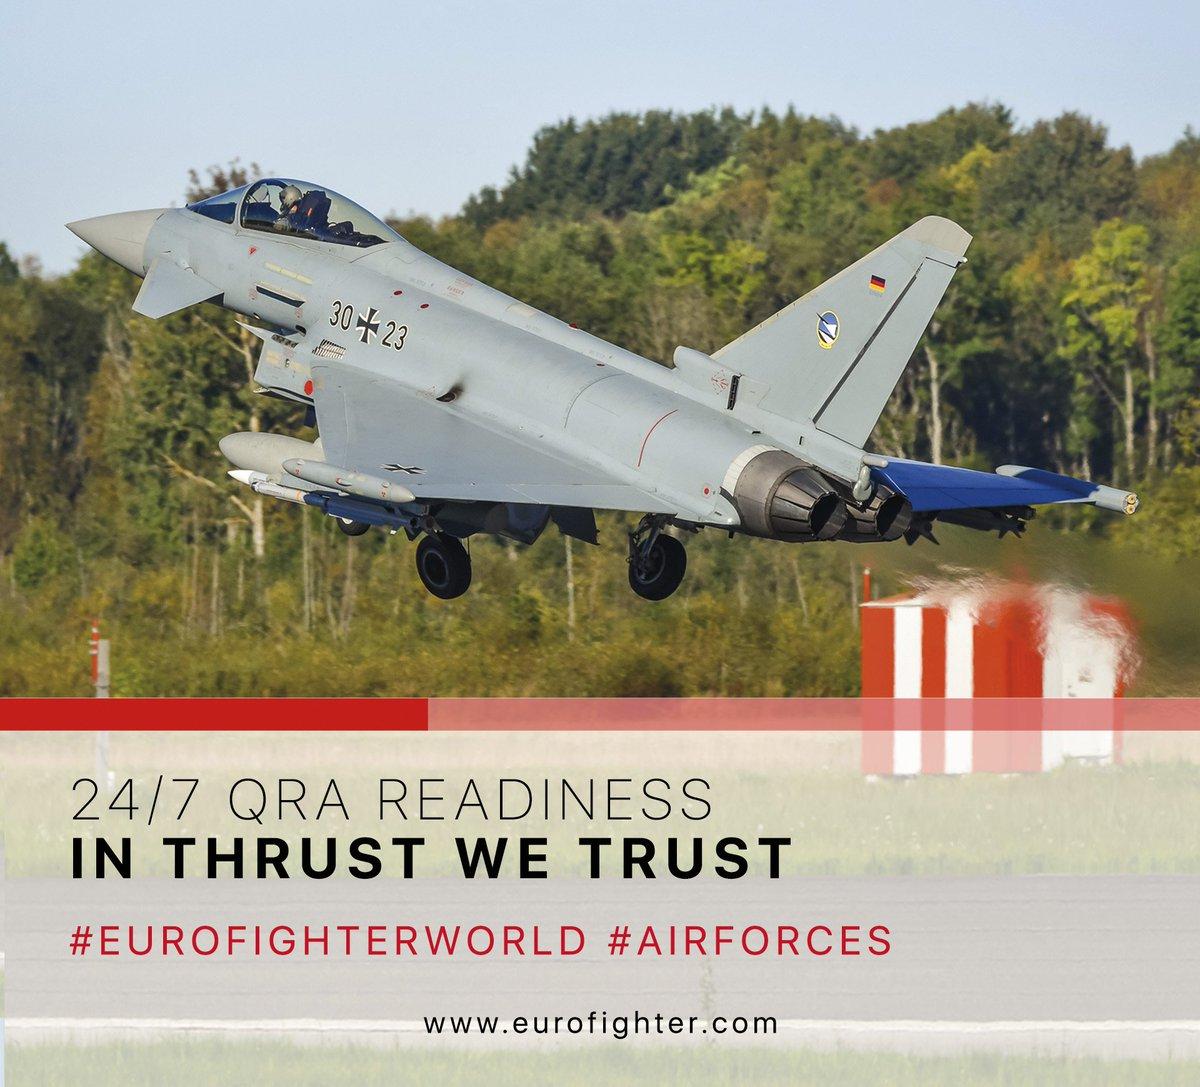 Eurofighter Typhoon on Twitter: